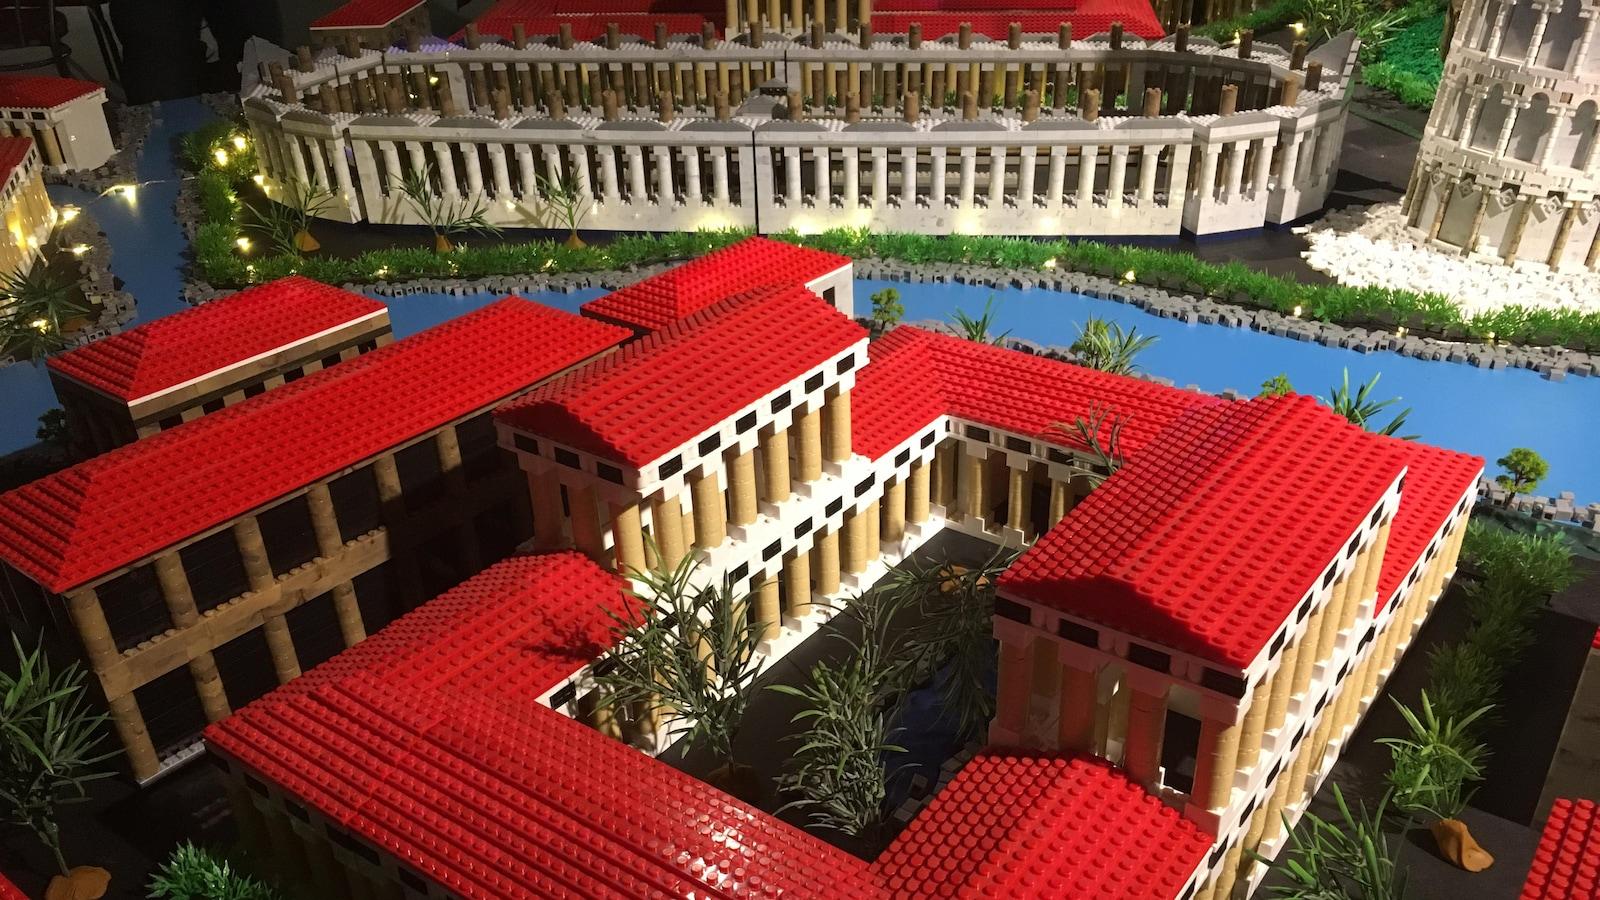 L'Empire romain vu Gilles Maheux et son équipe. Maquette mignature de plusieurs bâtiments romains.